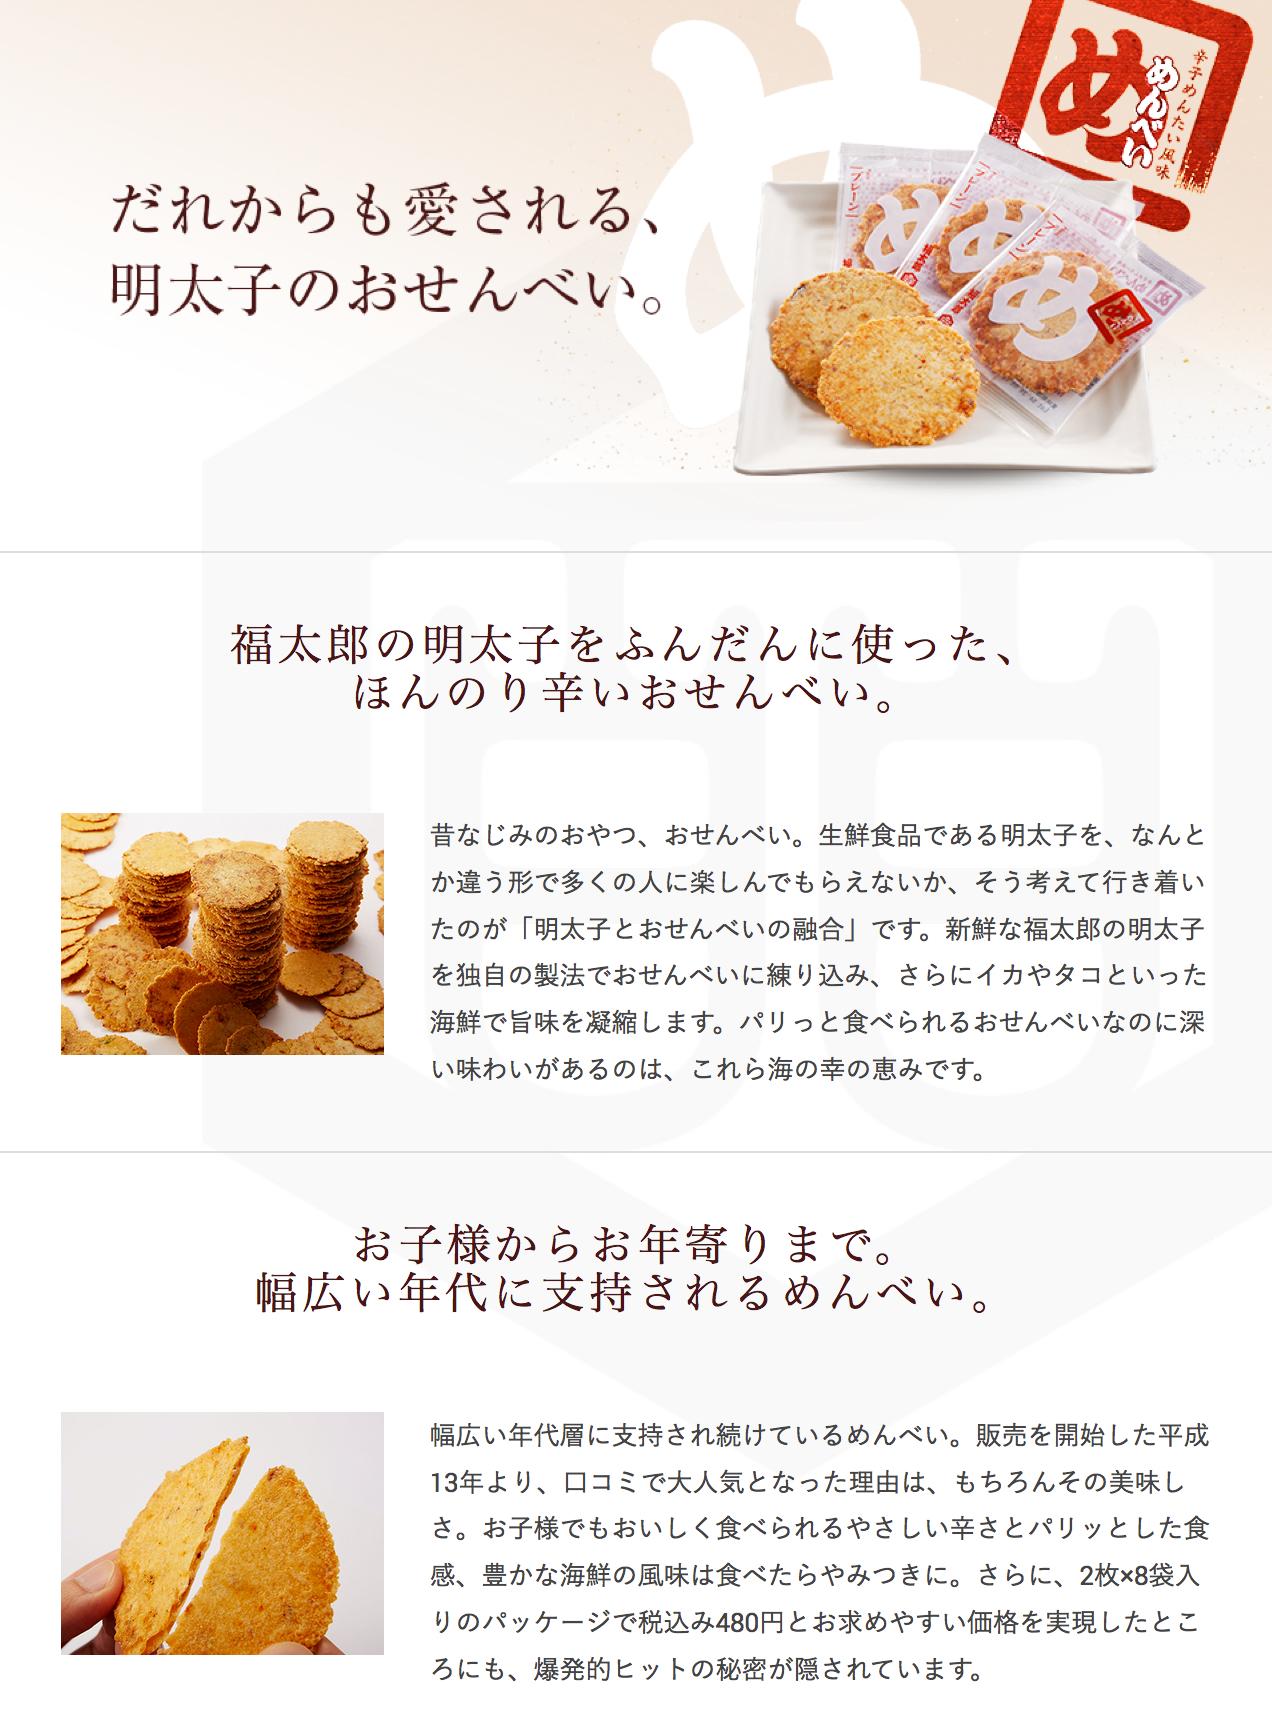 株式会社フェングラフィティクス制作実績:山口油屋福太郎